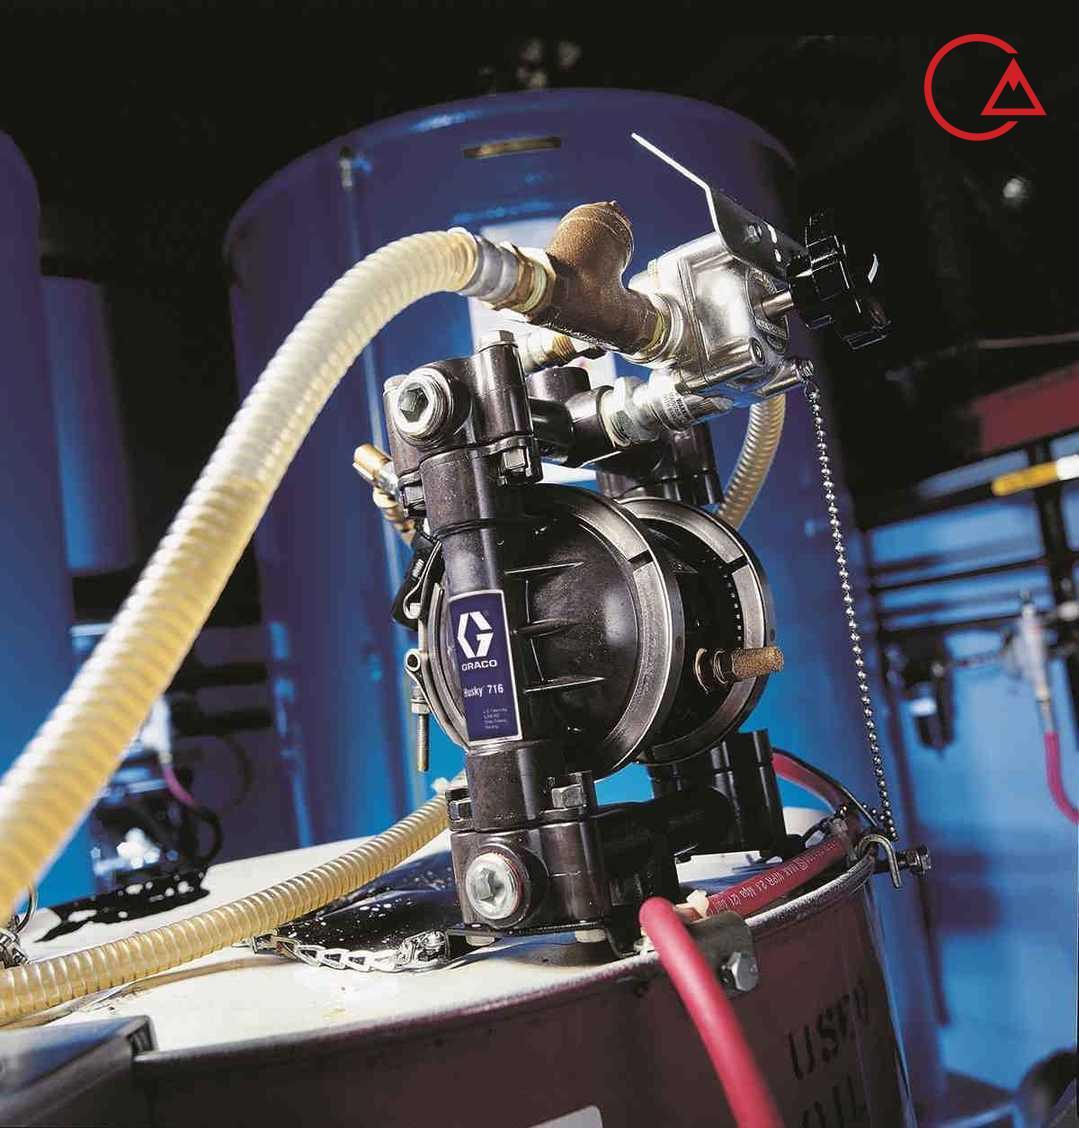 پمپ دیافراگمی پلاستیکی مواد شیمیایی گراکو هاسکی امریکا